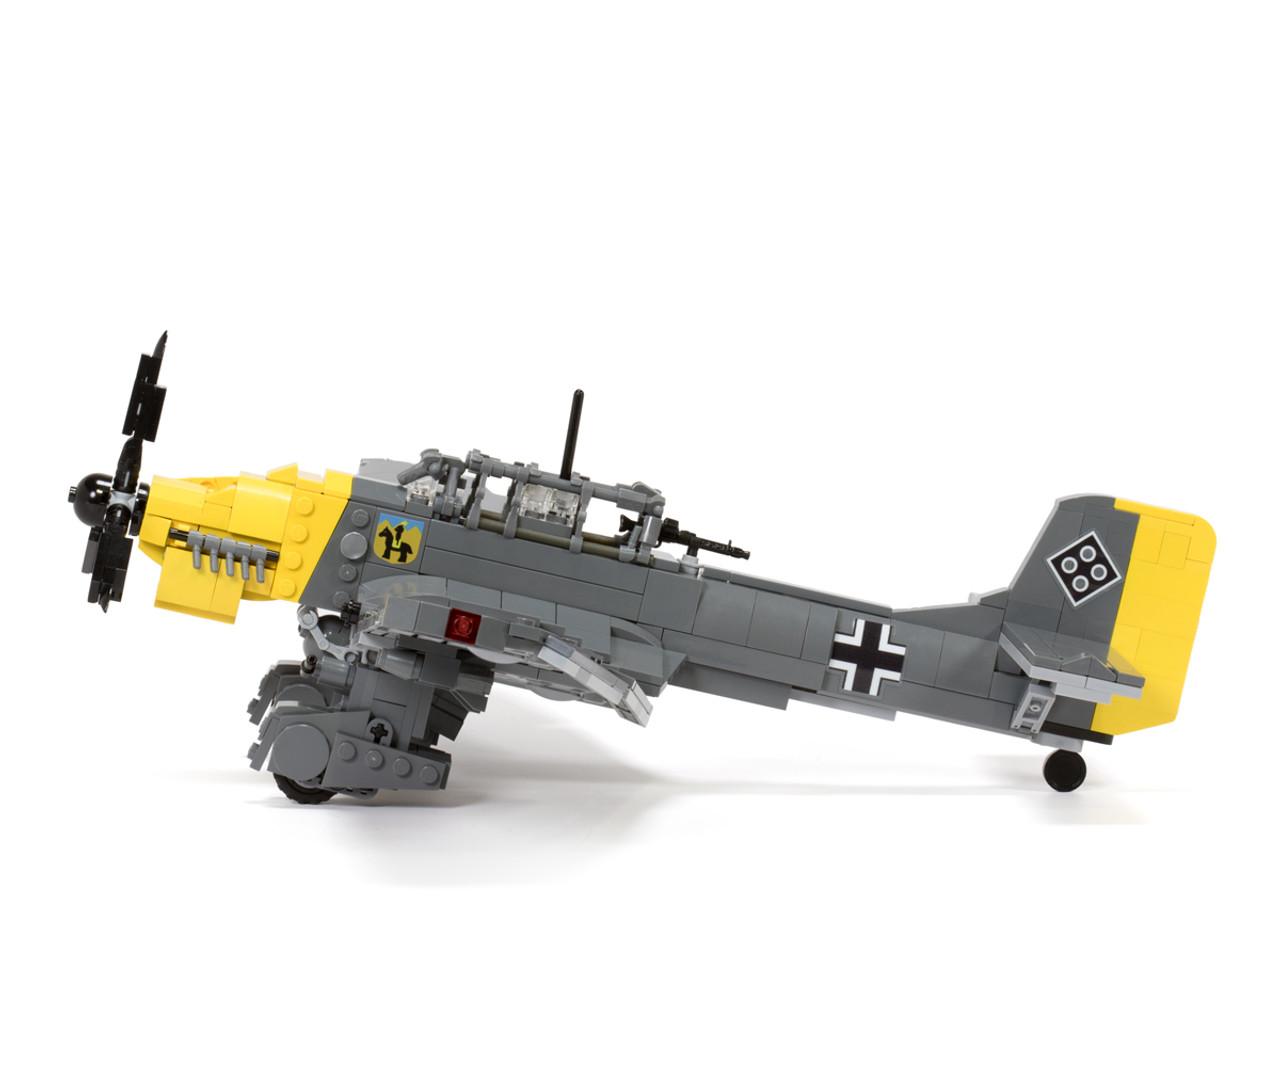 Ju 87 B-2 Stuka